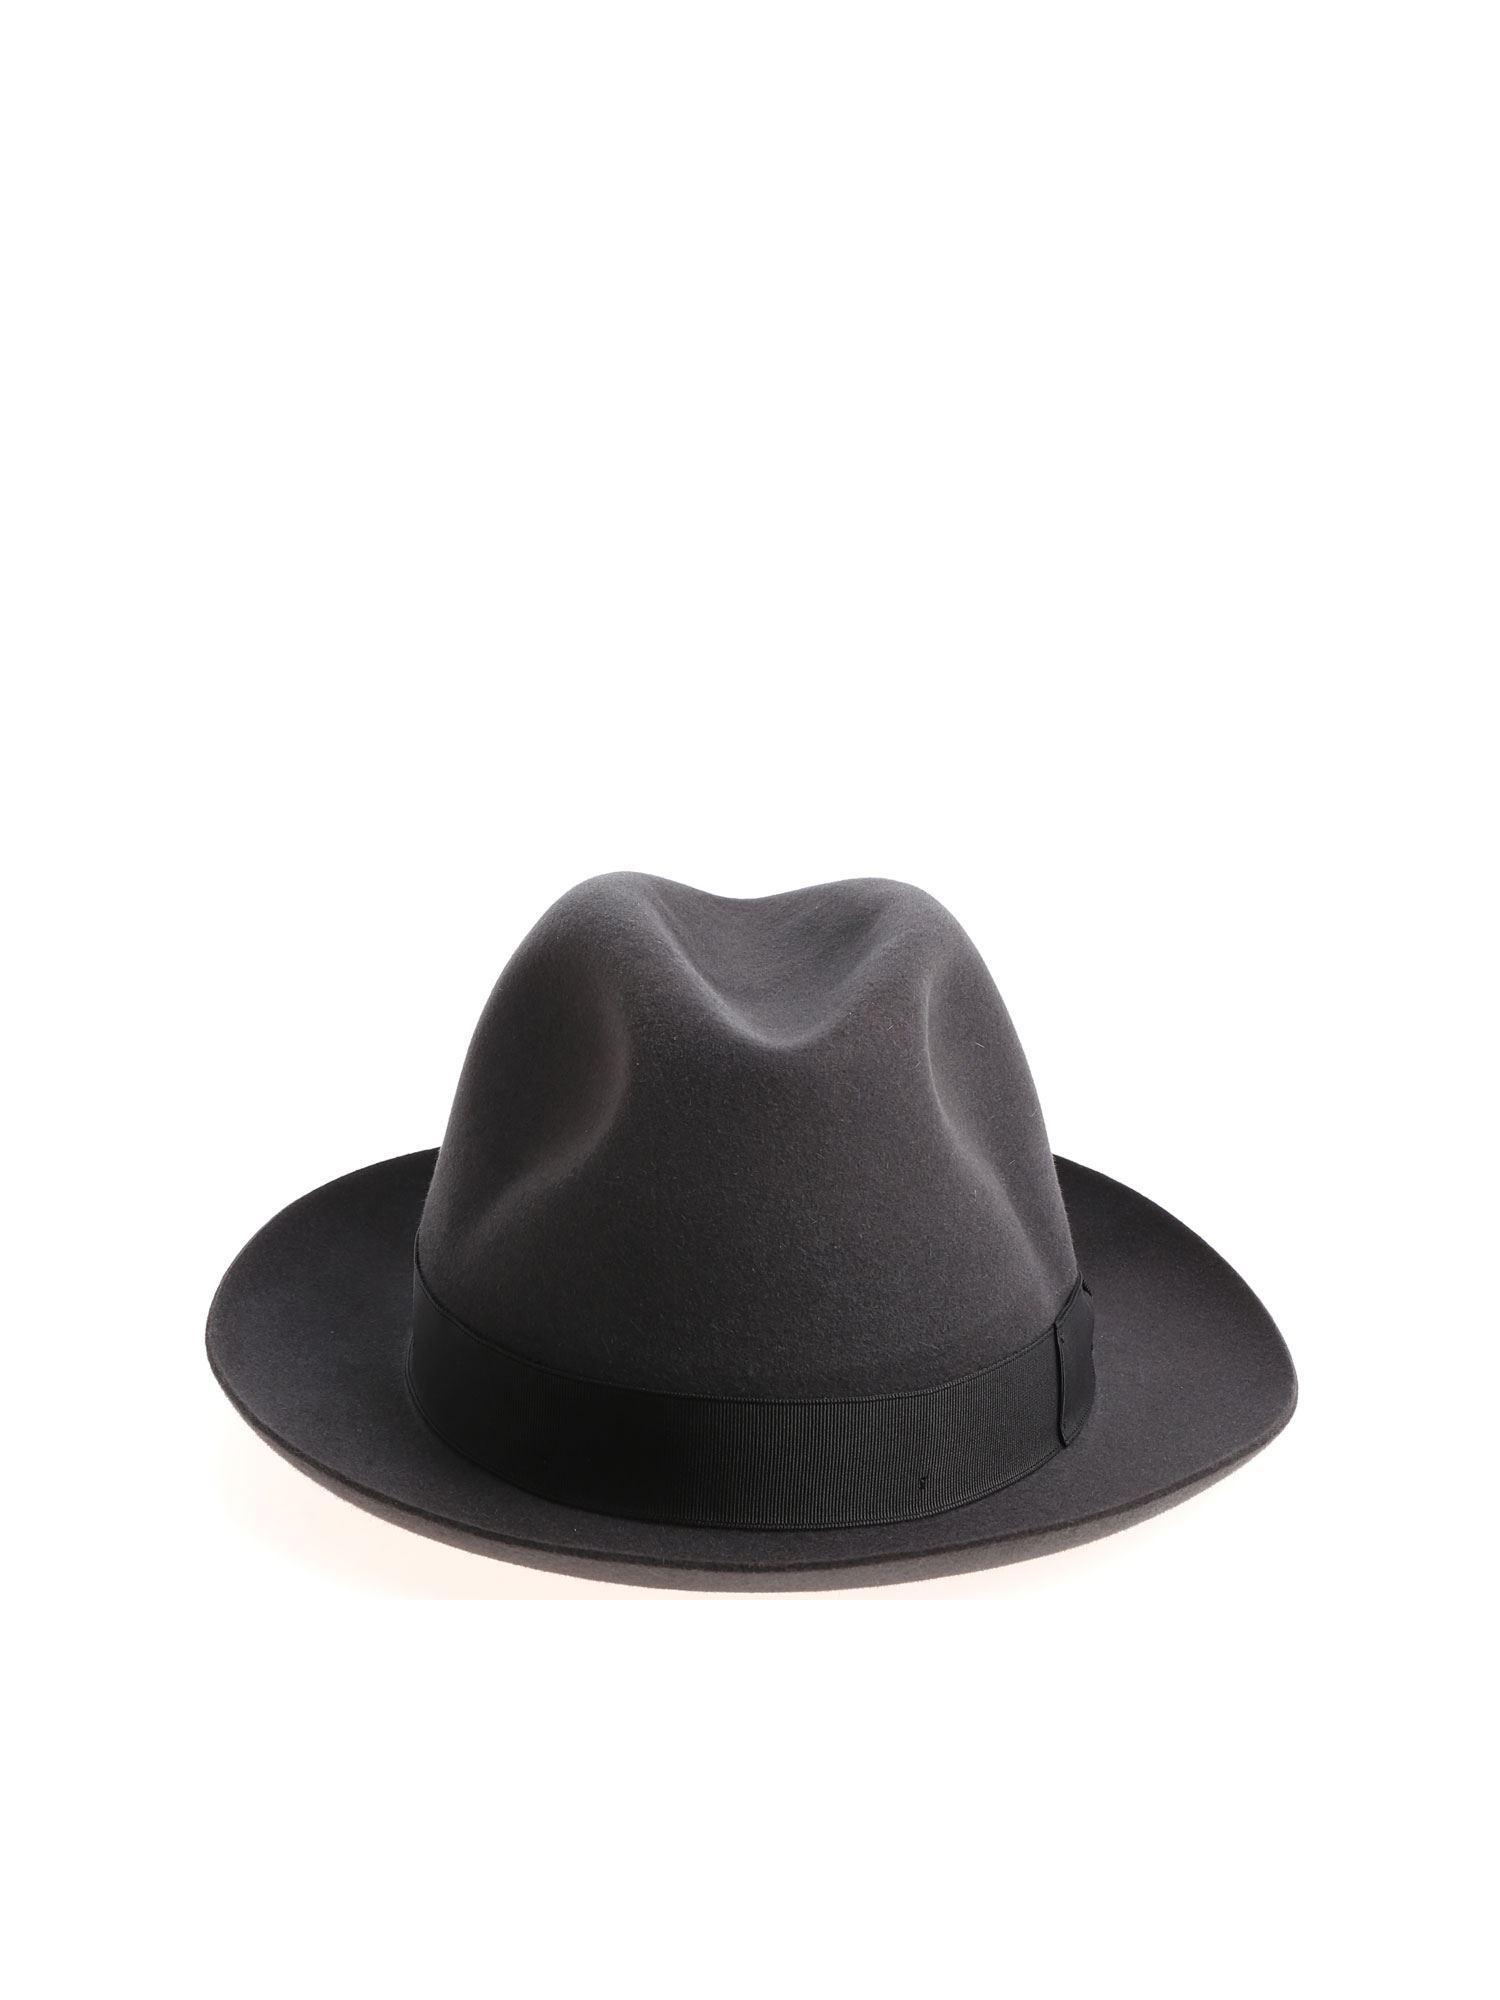 ea034d6d019 Borsalino Dark Green Felt Marengo Hat in Green for Men - Lyst